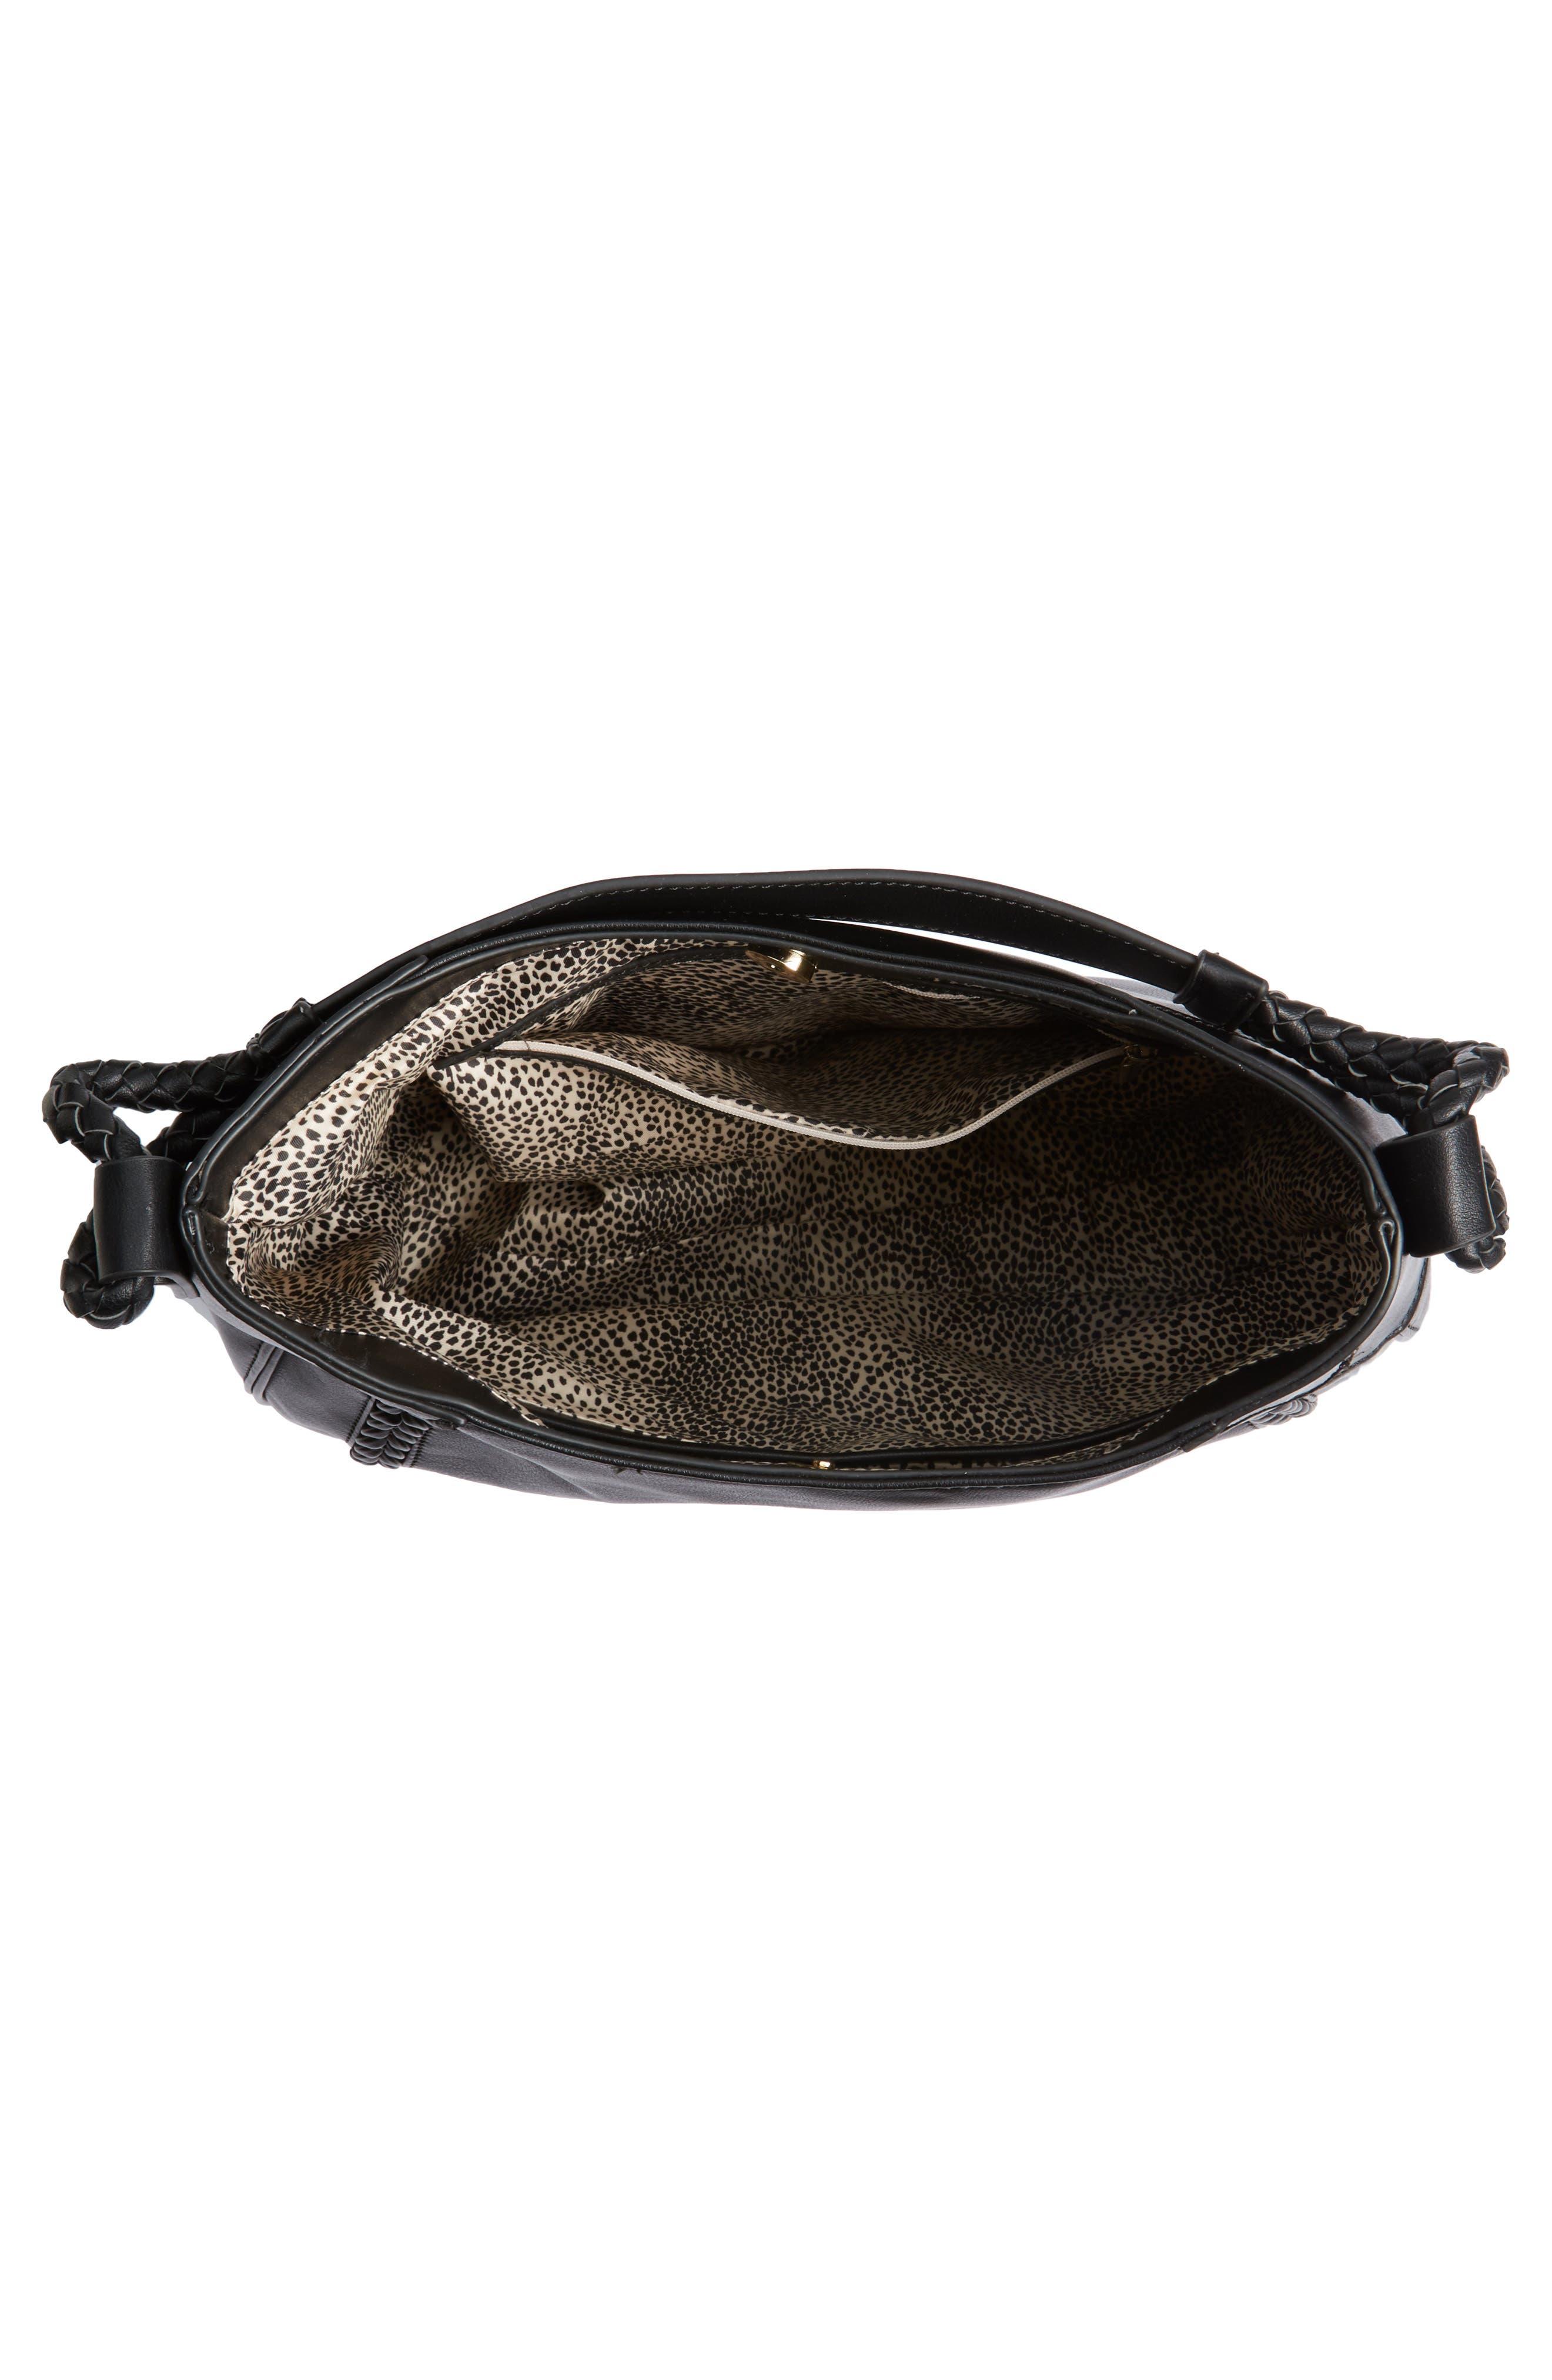 Rema Faux Leather Shoulder Bag,                             Alternate thumbnail 4, color,                             001